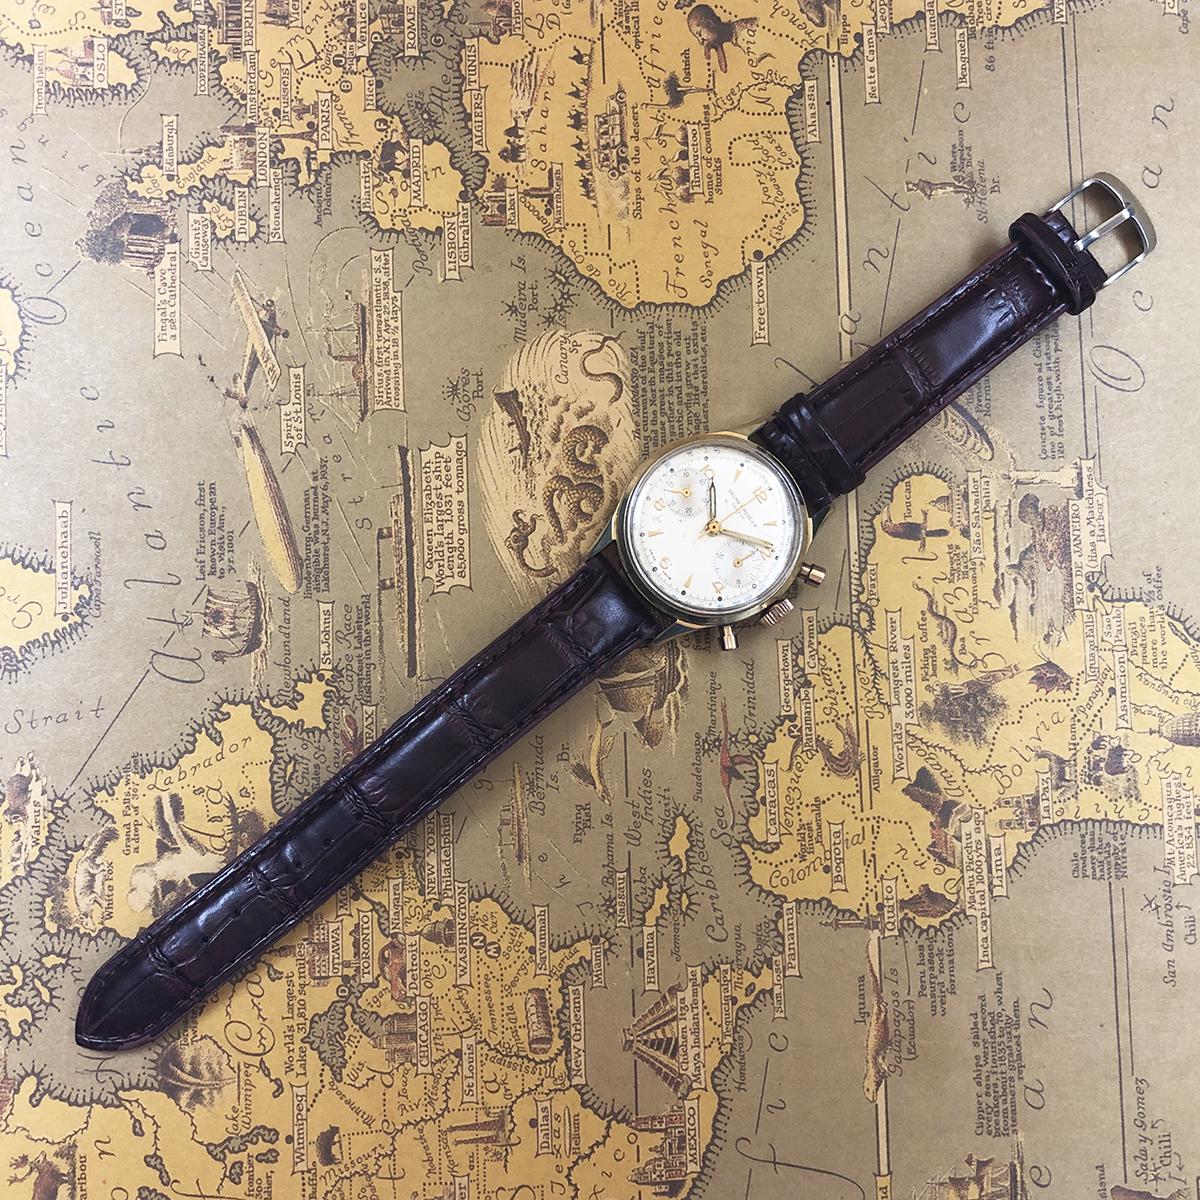 ★希少!! ボーム&メルシエ BAUME&MERCIER 1960s アンティーク Landeron149 メンズ 腕時計 クロノグラフ 手巻 白文字盤 ビンテージ 高級_画像7